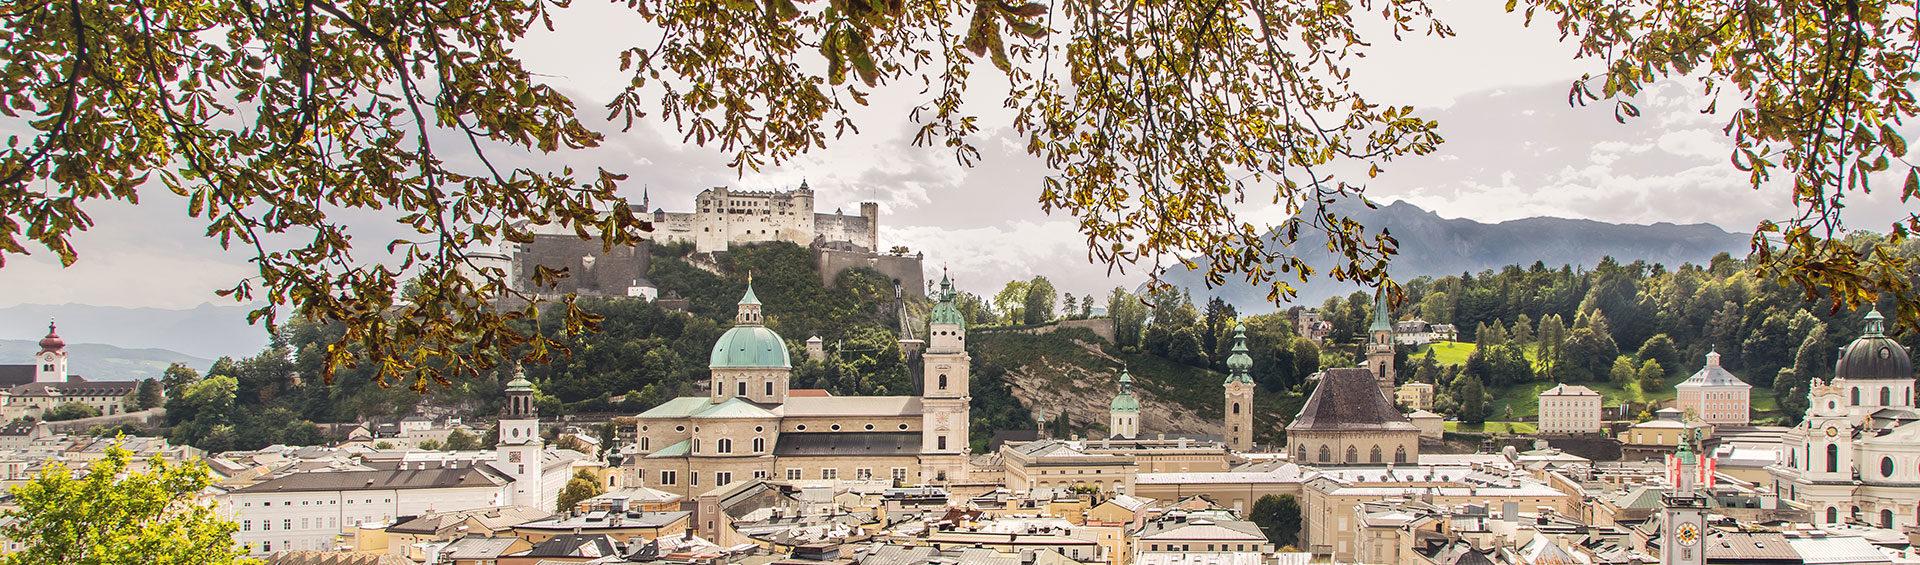 Altstadt Salzburg Ausflugsziel 1